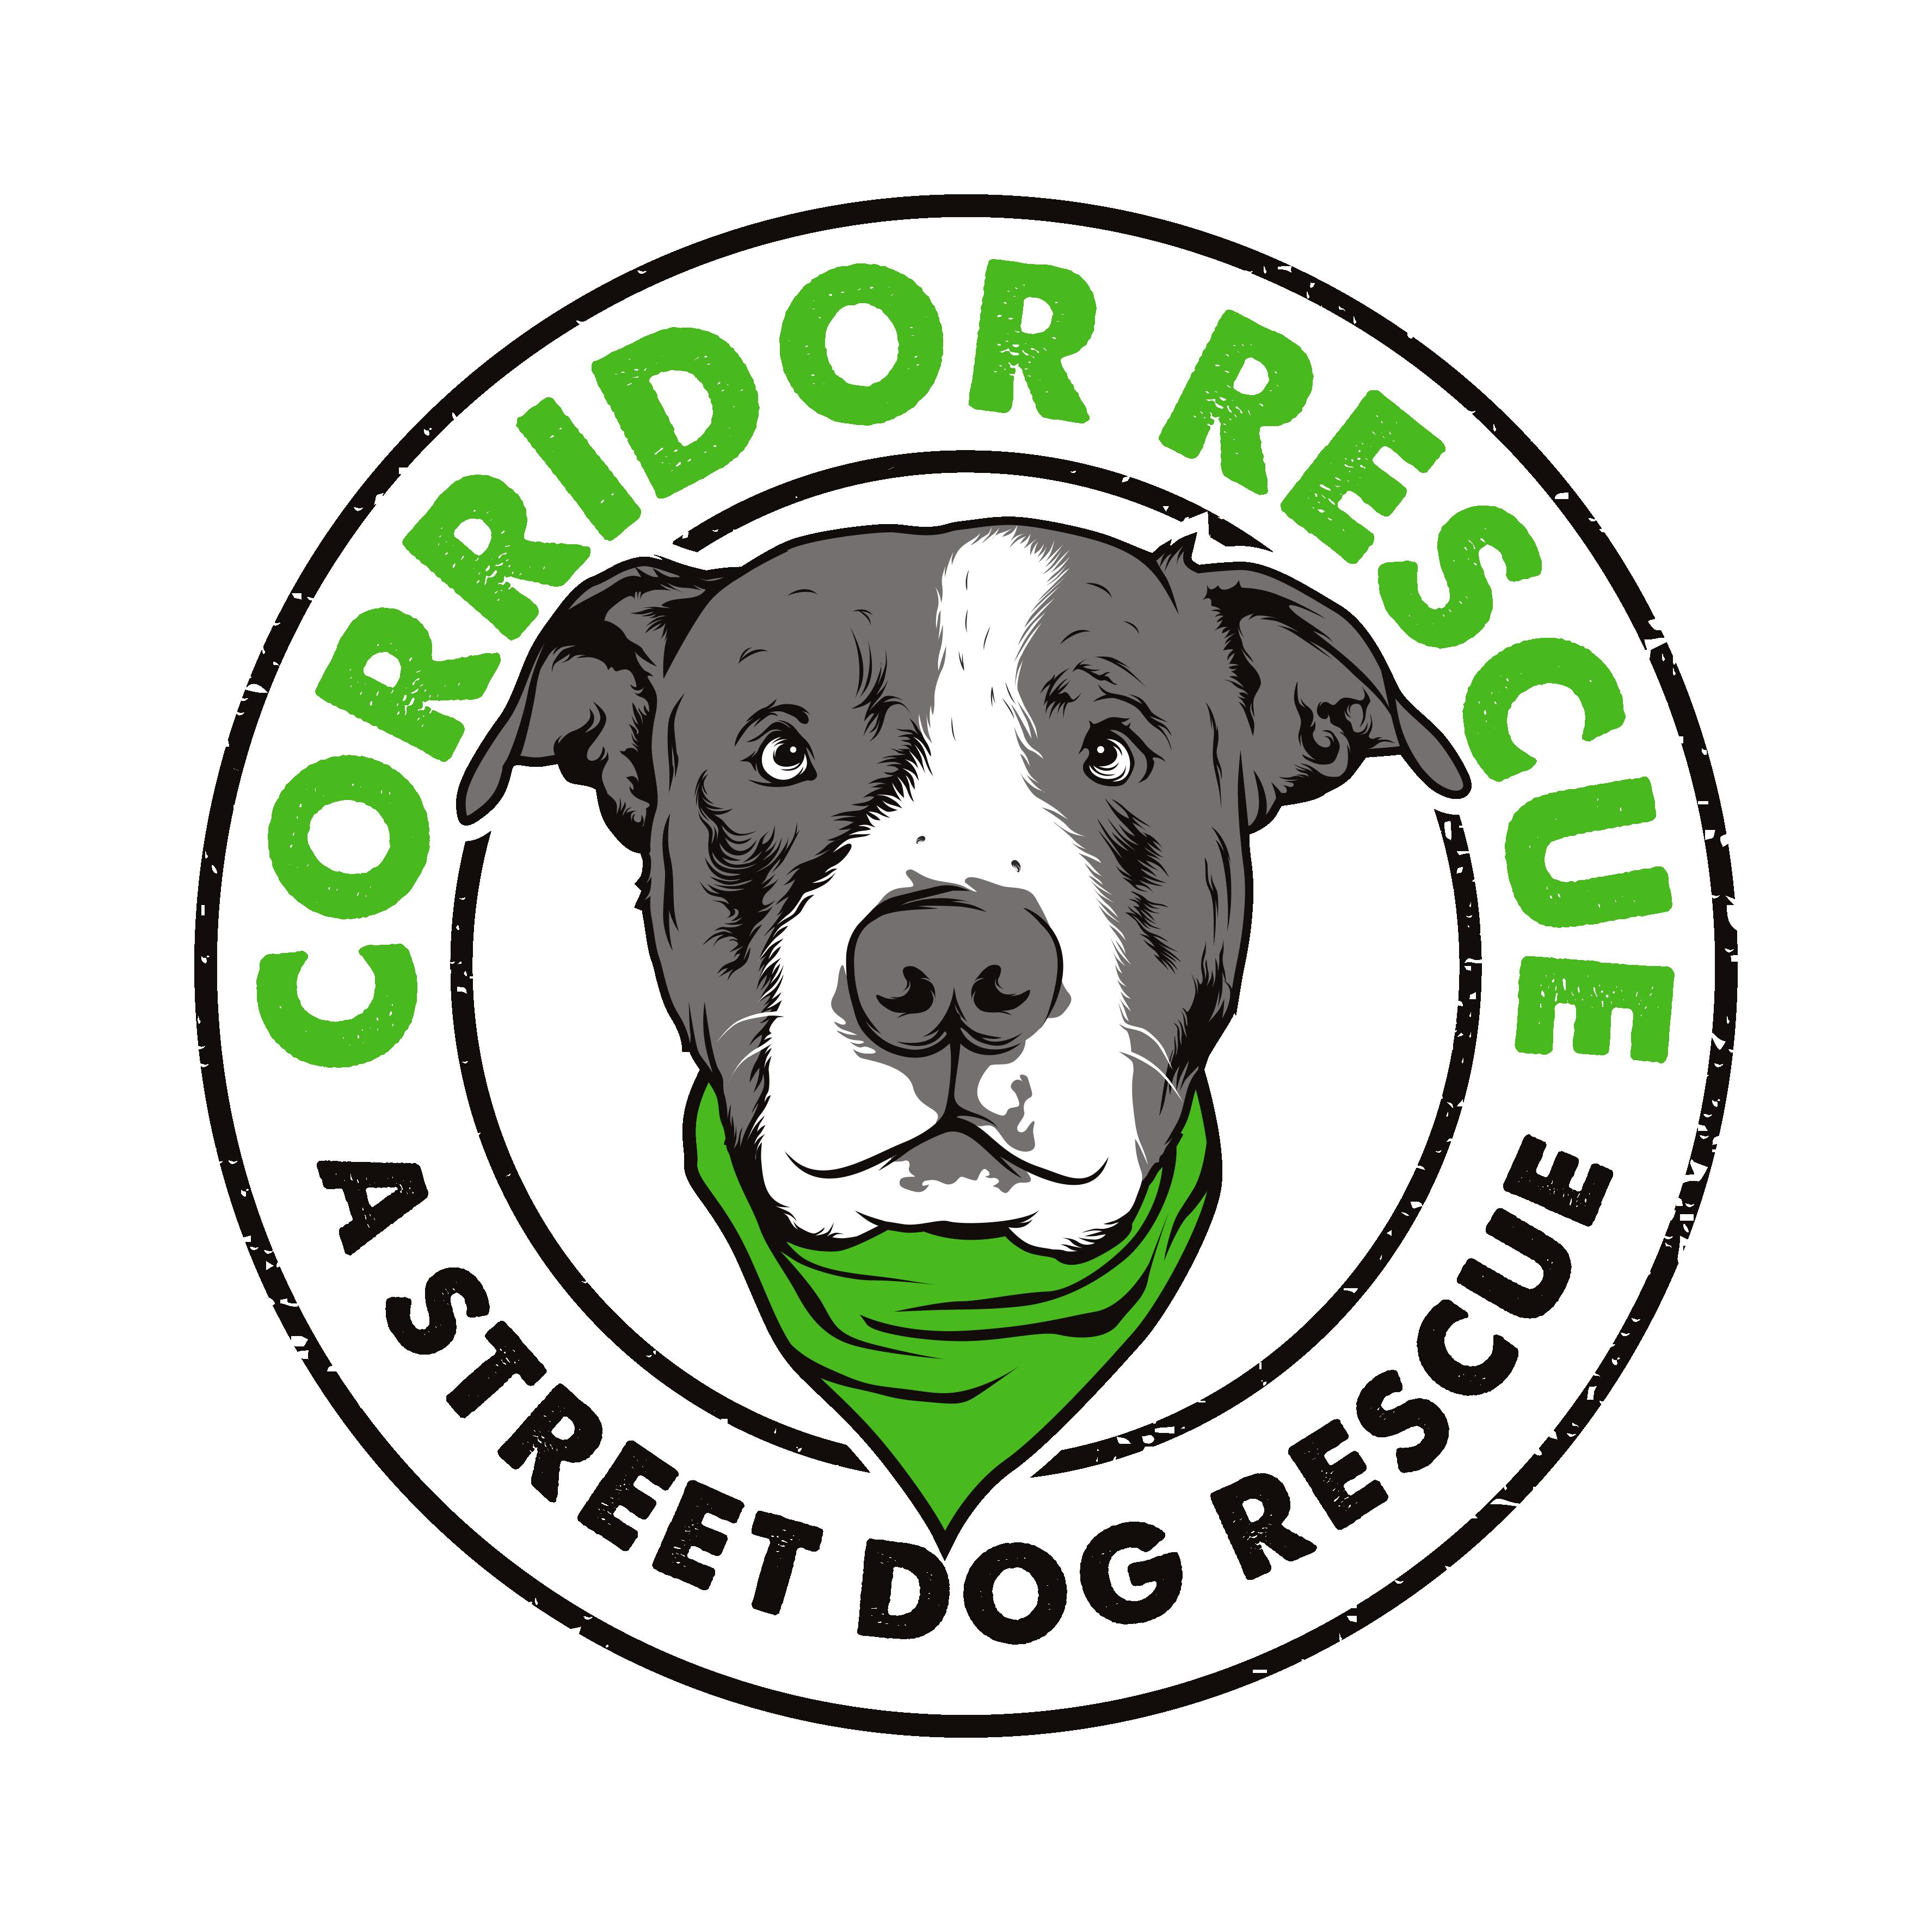 Corridor Rescue Inc